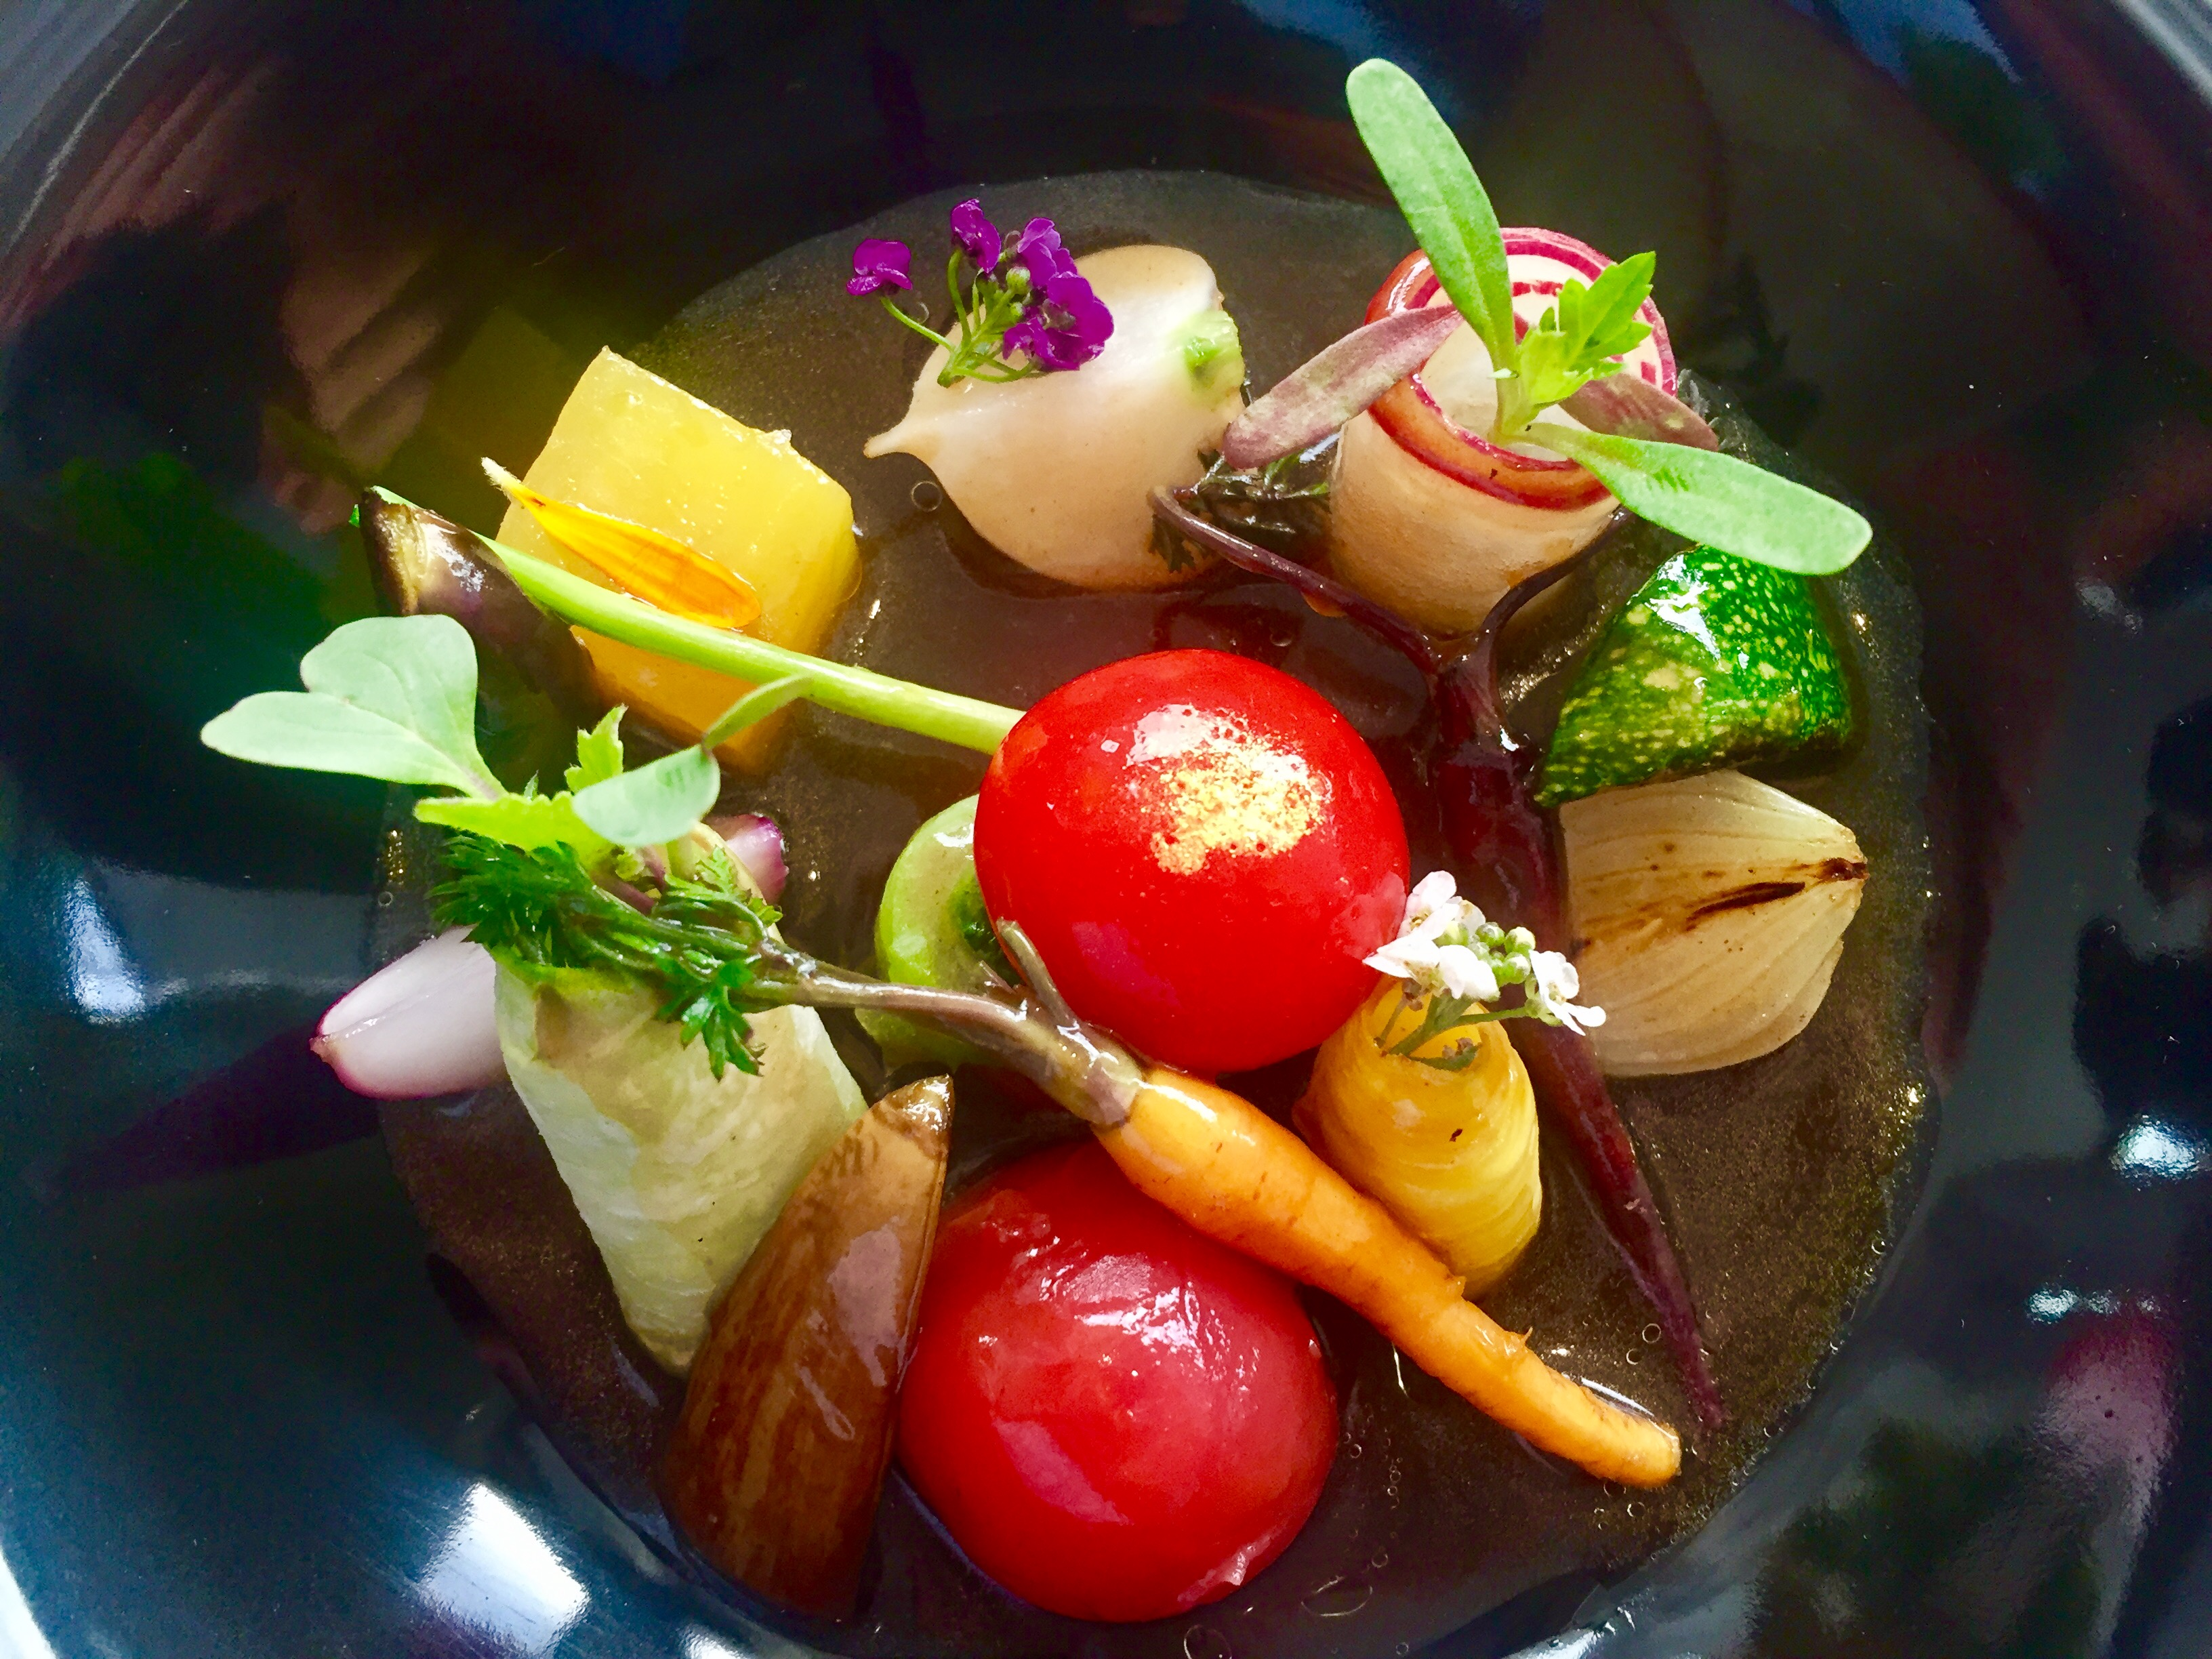 El crítico gastronómico más importante del país puntúa al Balneario con un notable alto